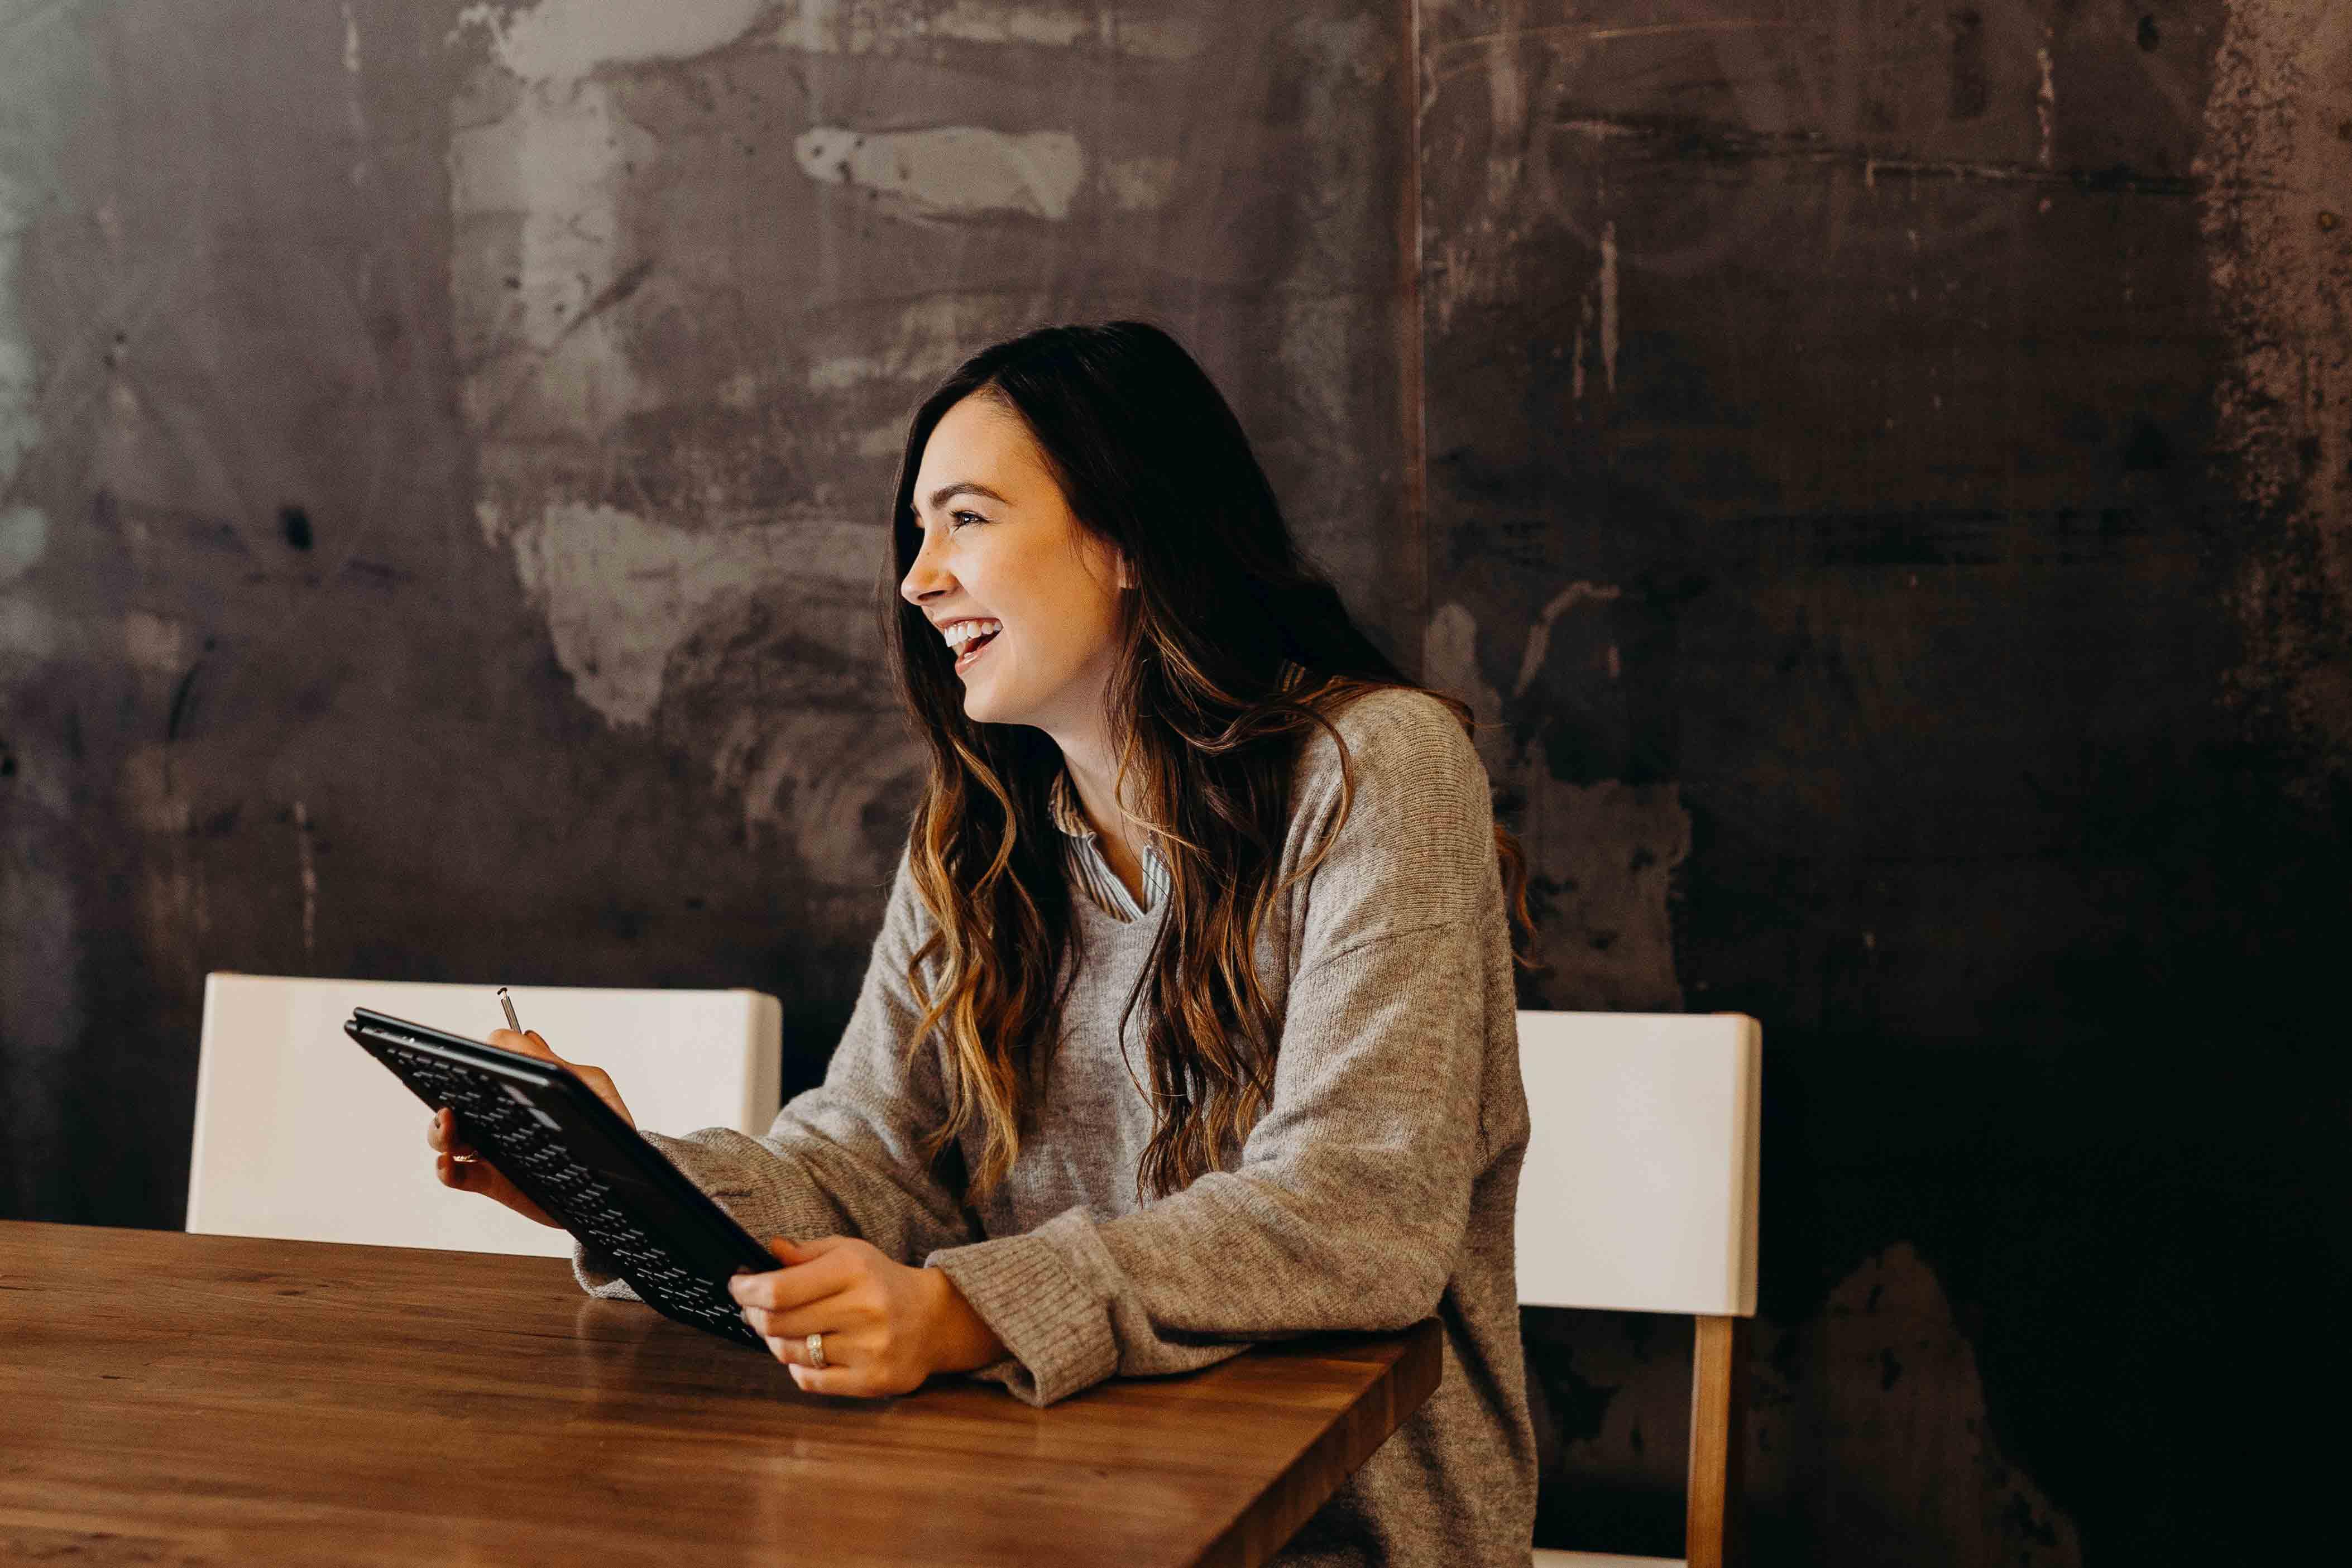 women laughing sitting at desk